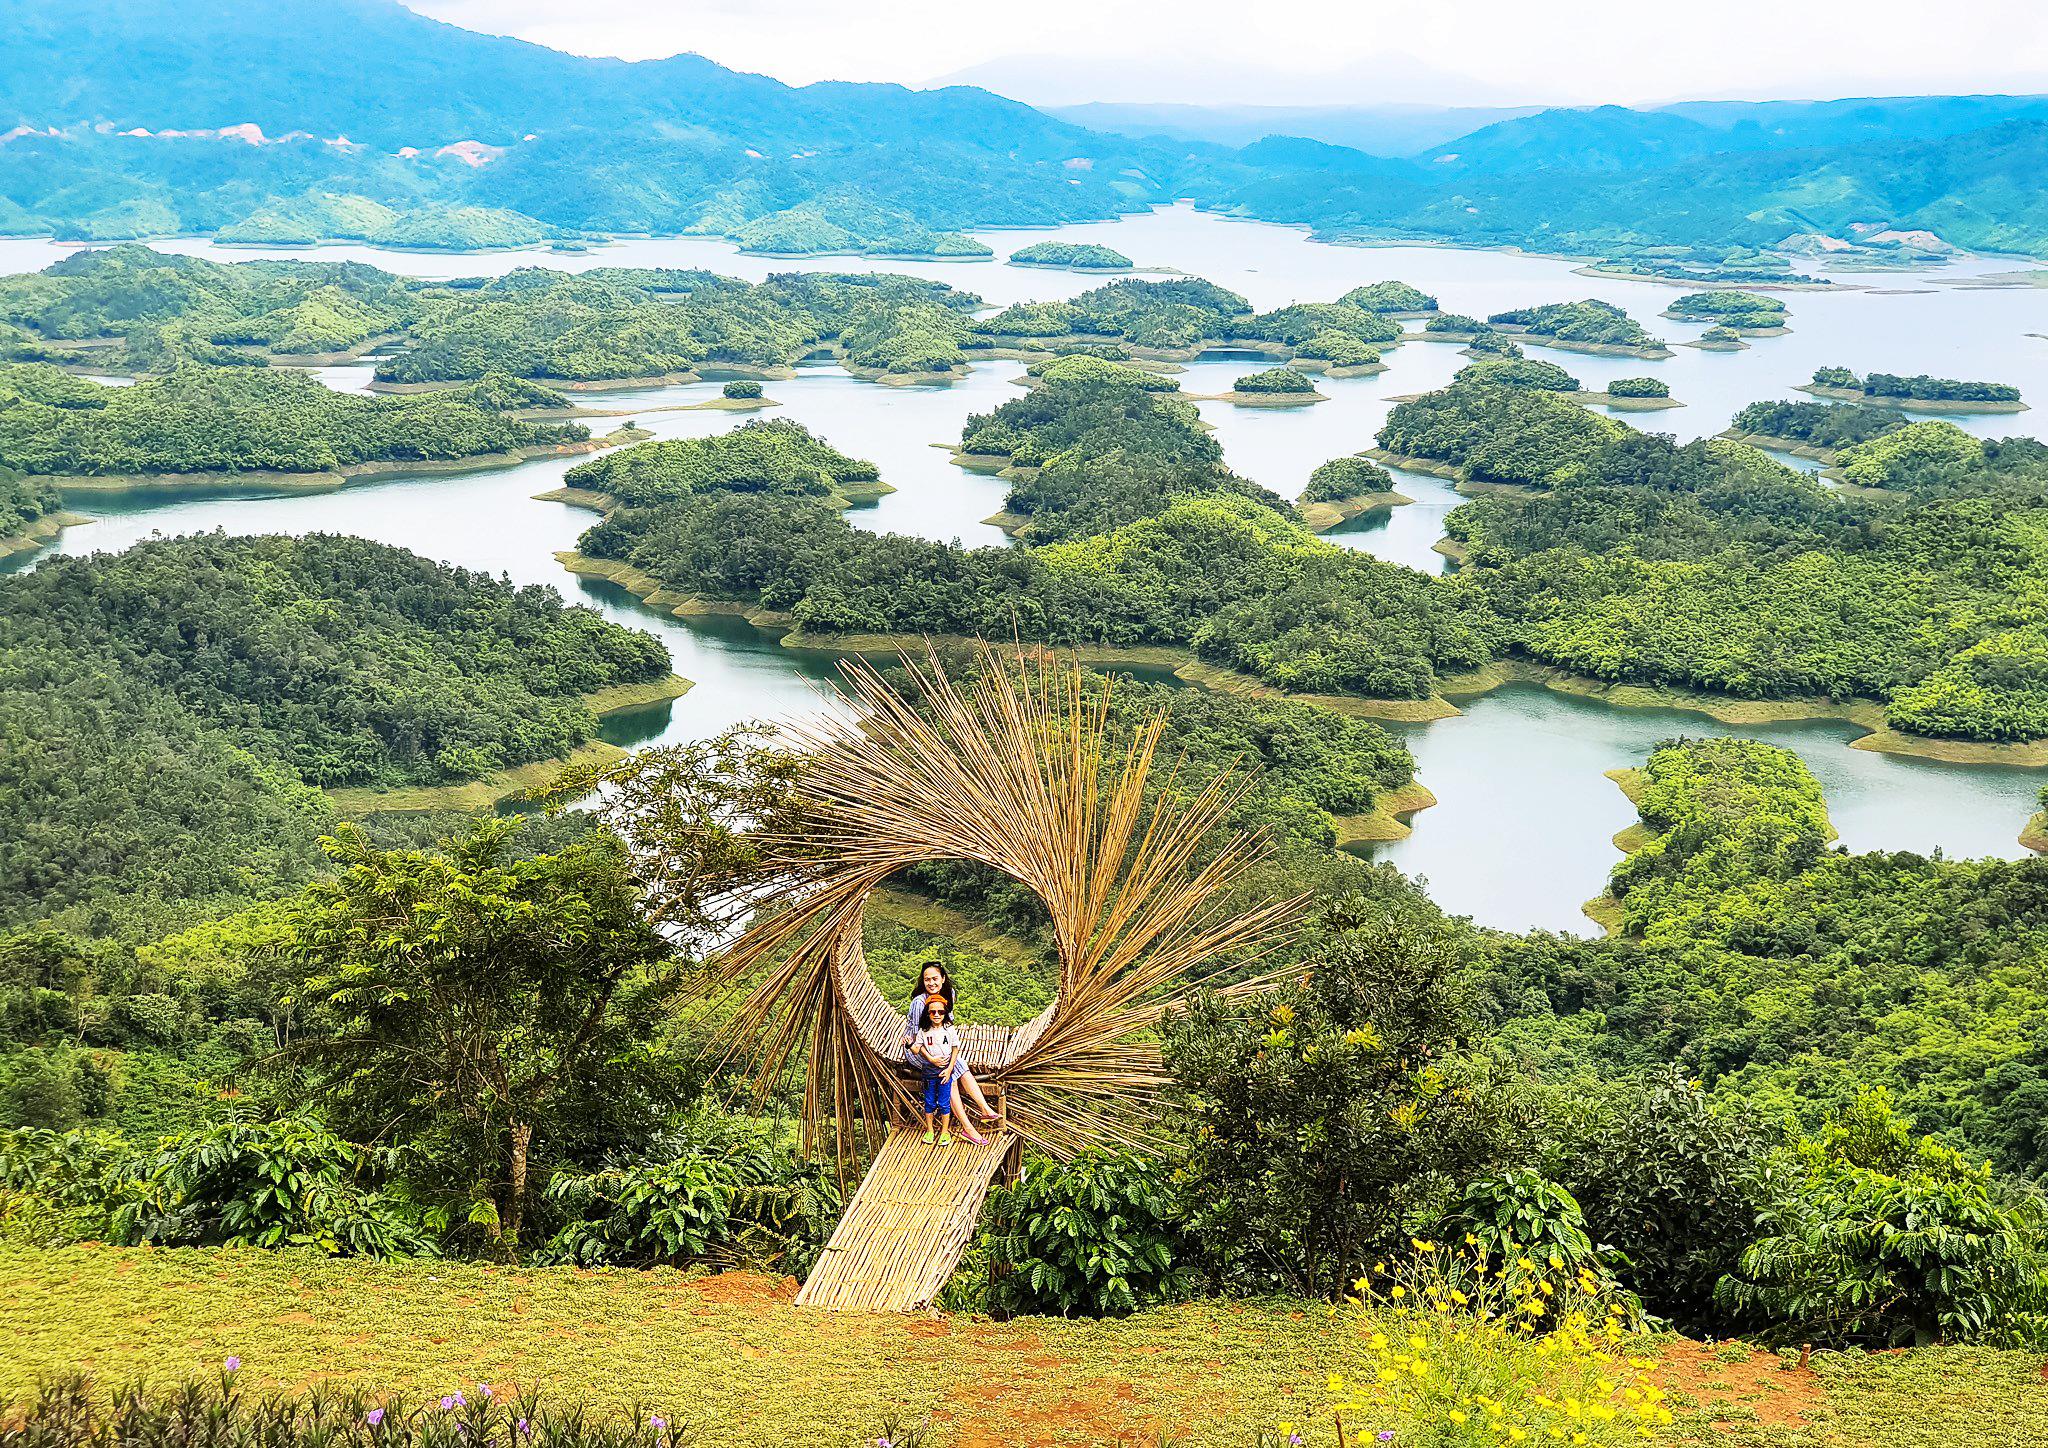 Khám phá tour du lịch Hồ Tà Đùng Đắk Nông – Vịnh Hà Long của Tây Nguyên